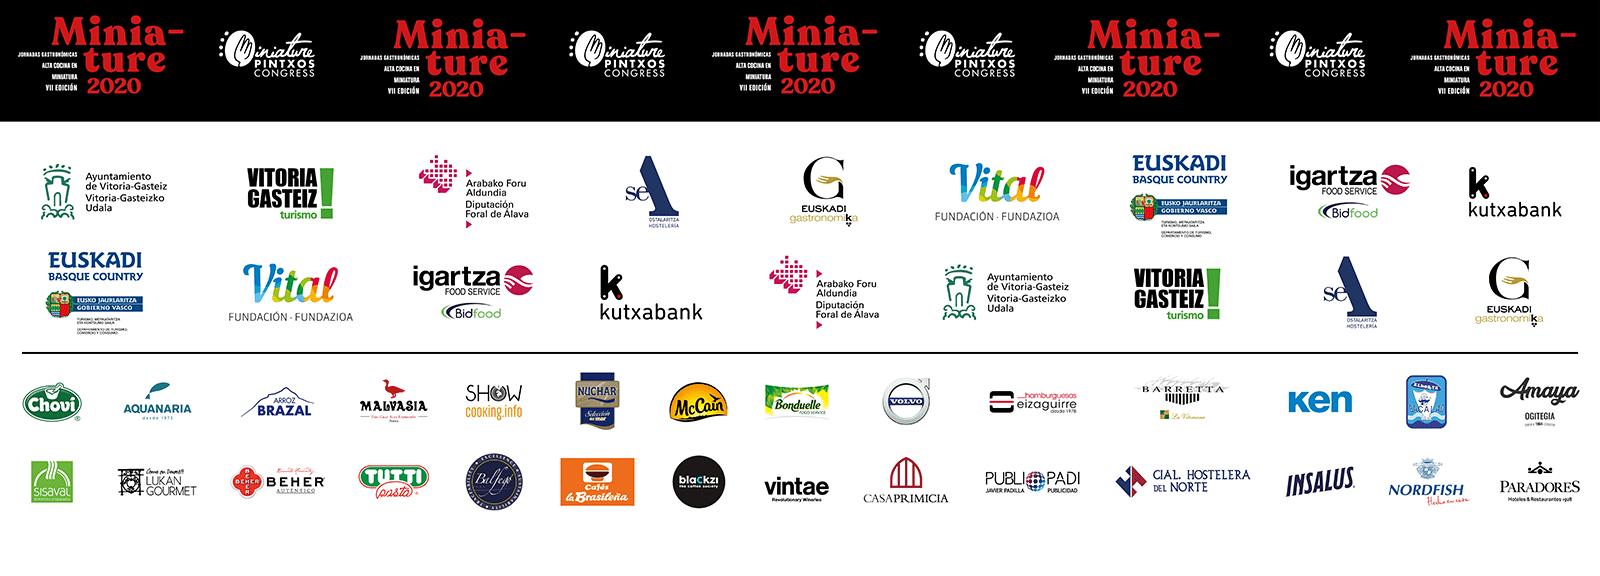 miniature-pintxos-congress-2020-patrocinadores